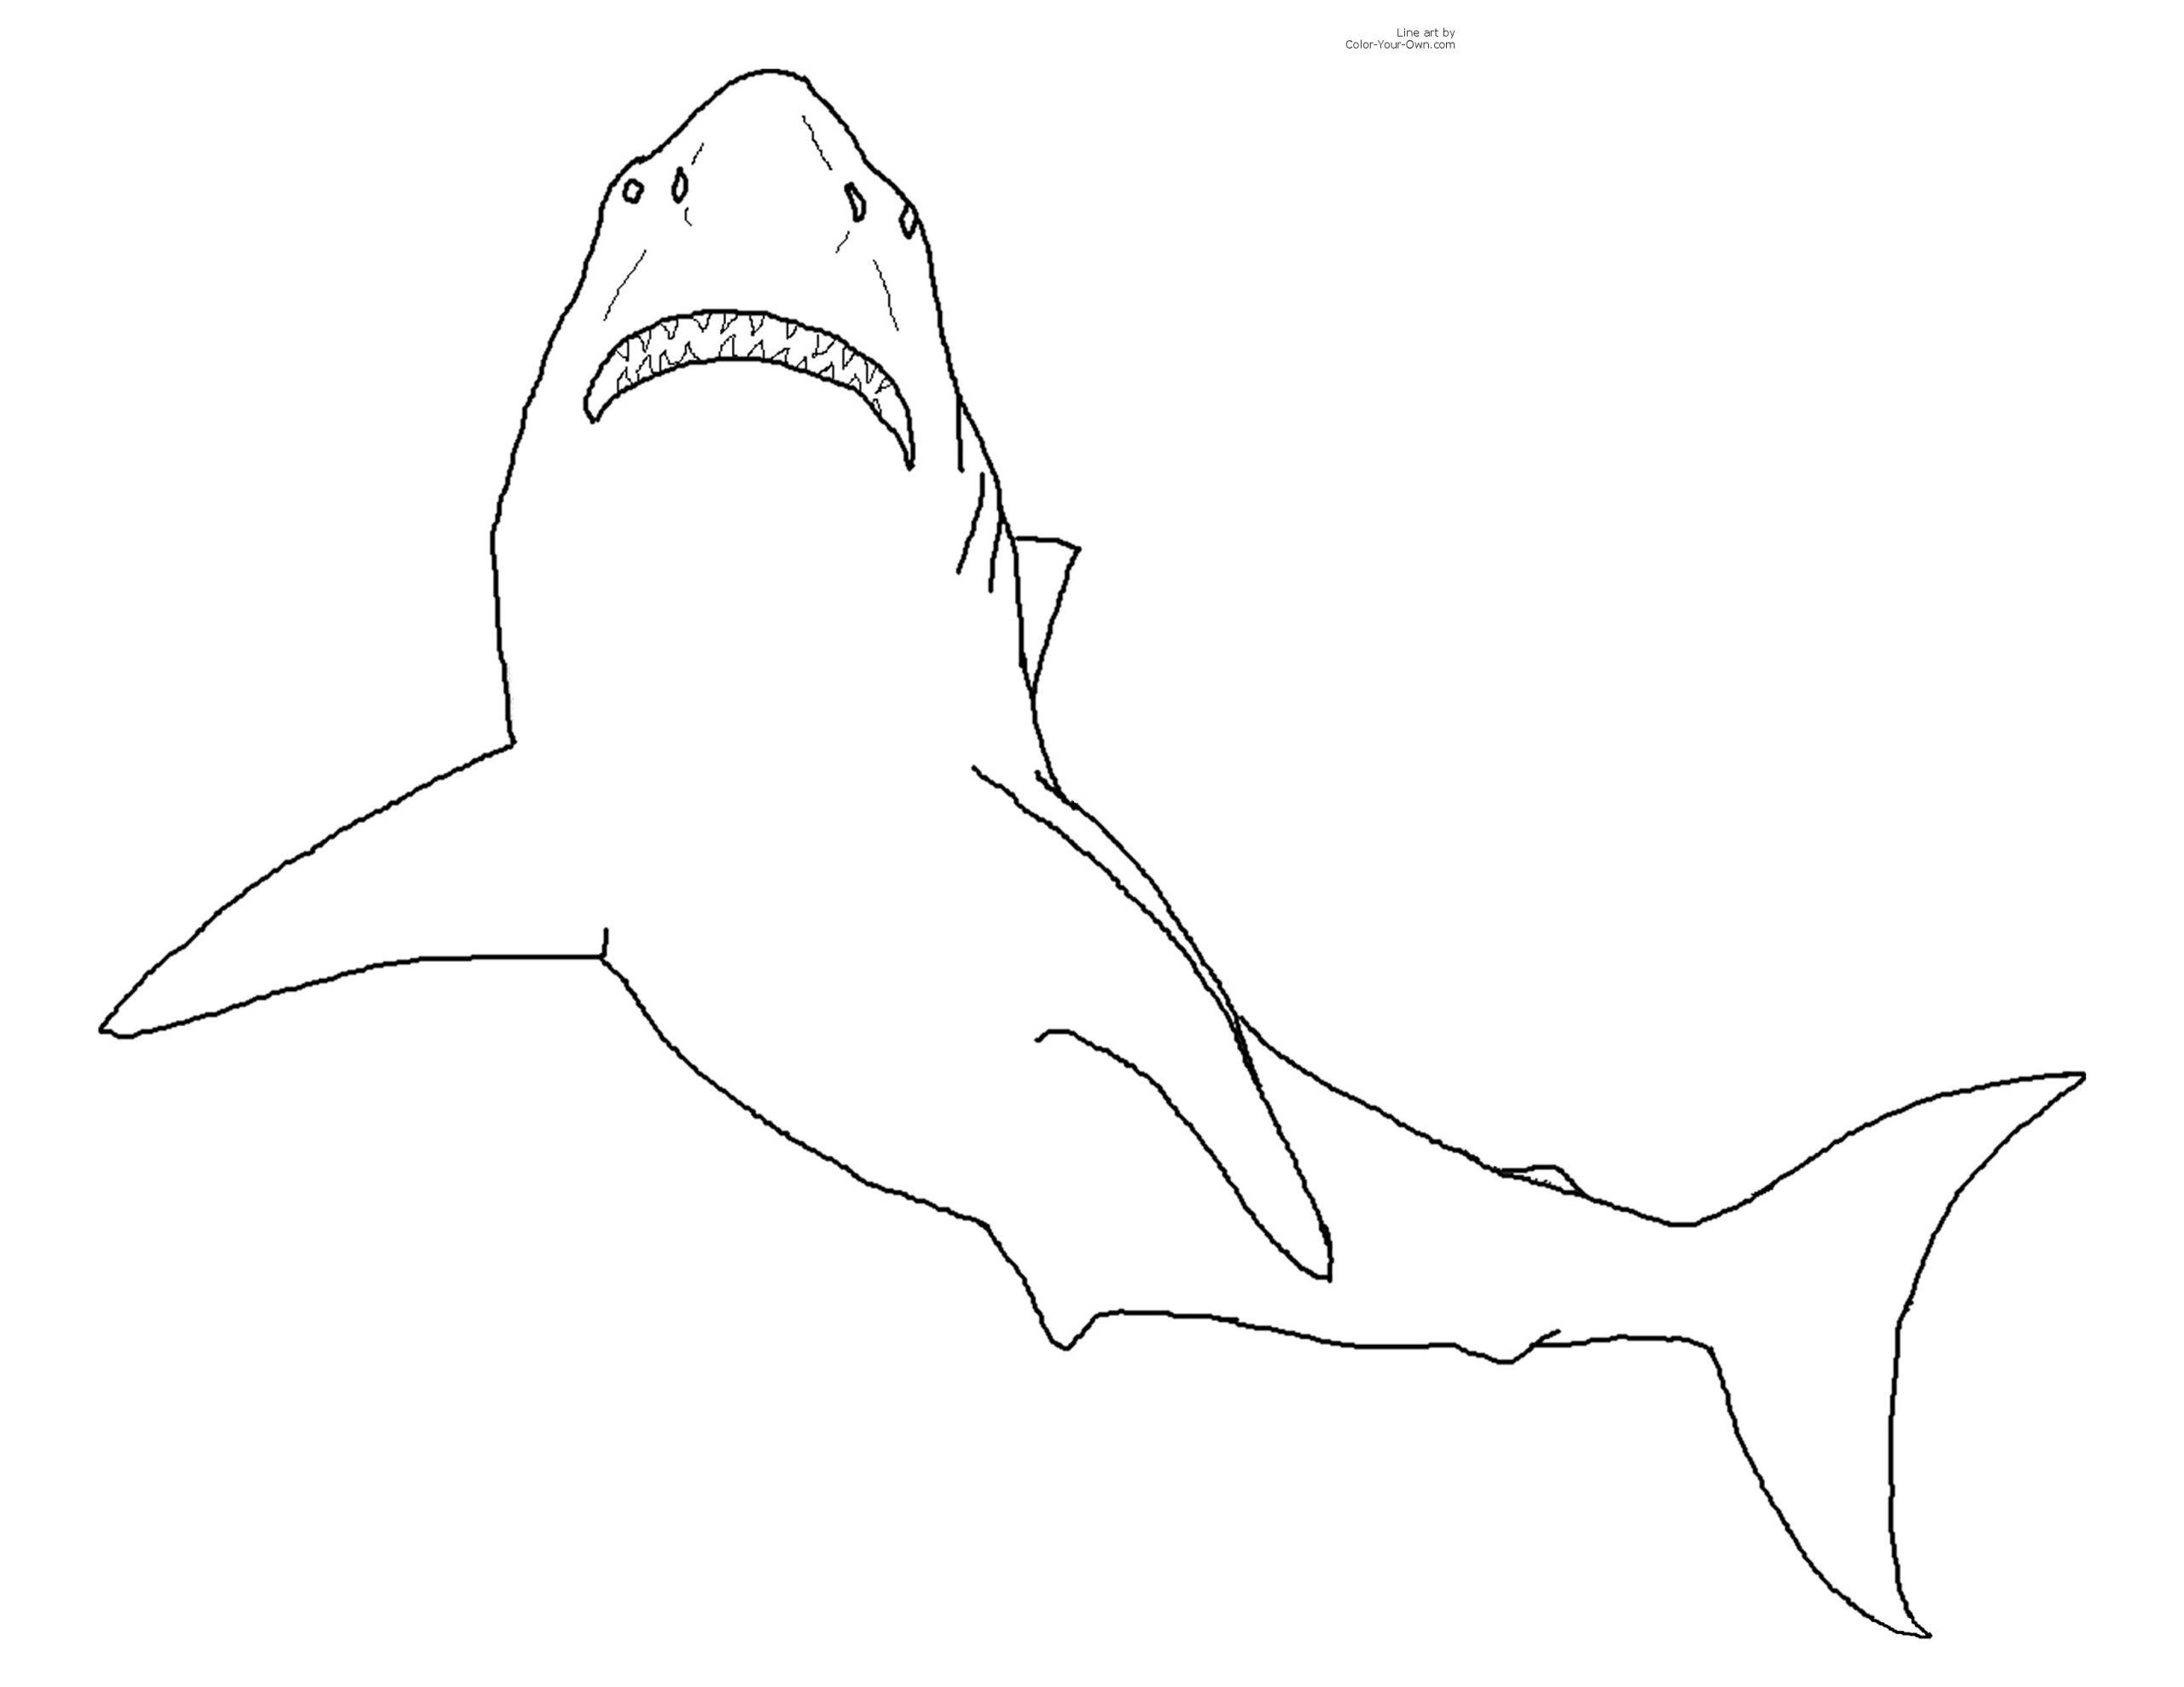 Requin #11 (Animaux) – Coloriages À Imprimer à Coloriage Requin Blanc Imprimer